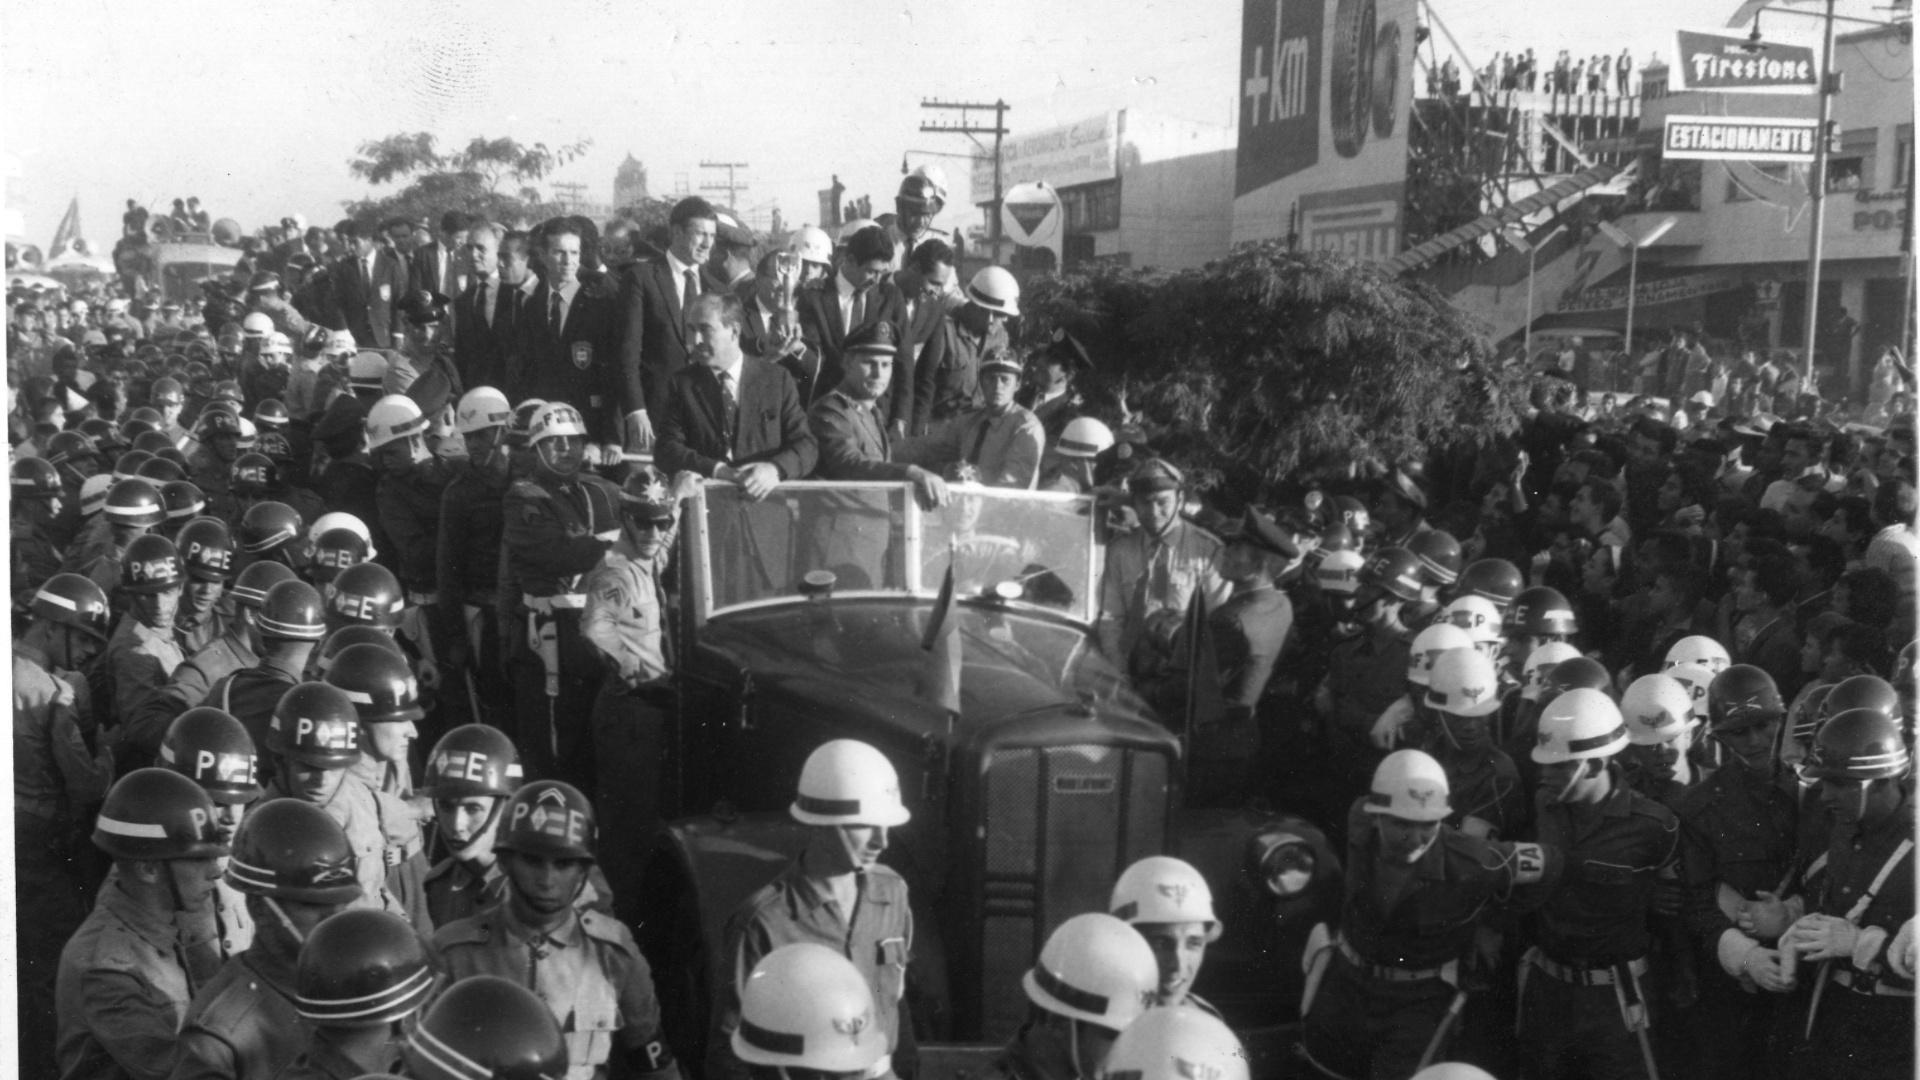 Chegada da seleção brasileira de futebol após a Copa do Mundo de 1962. Zagallo, Bellini e Mauro encabeçam jogadores no carro de bombeiro